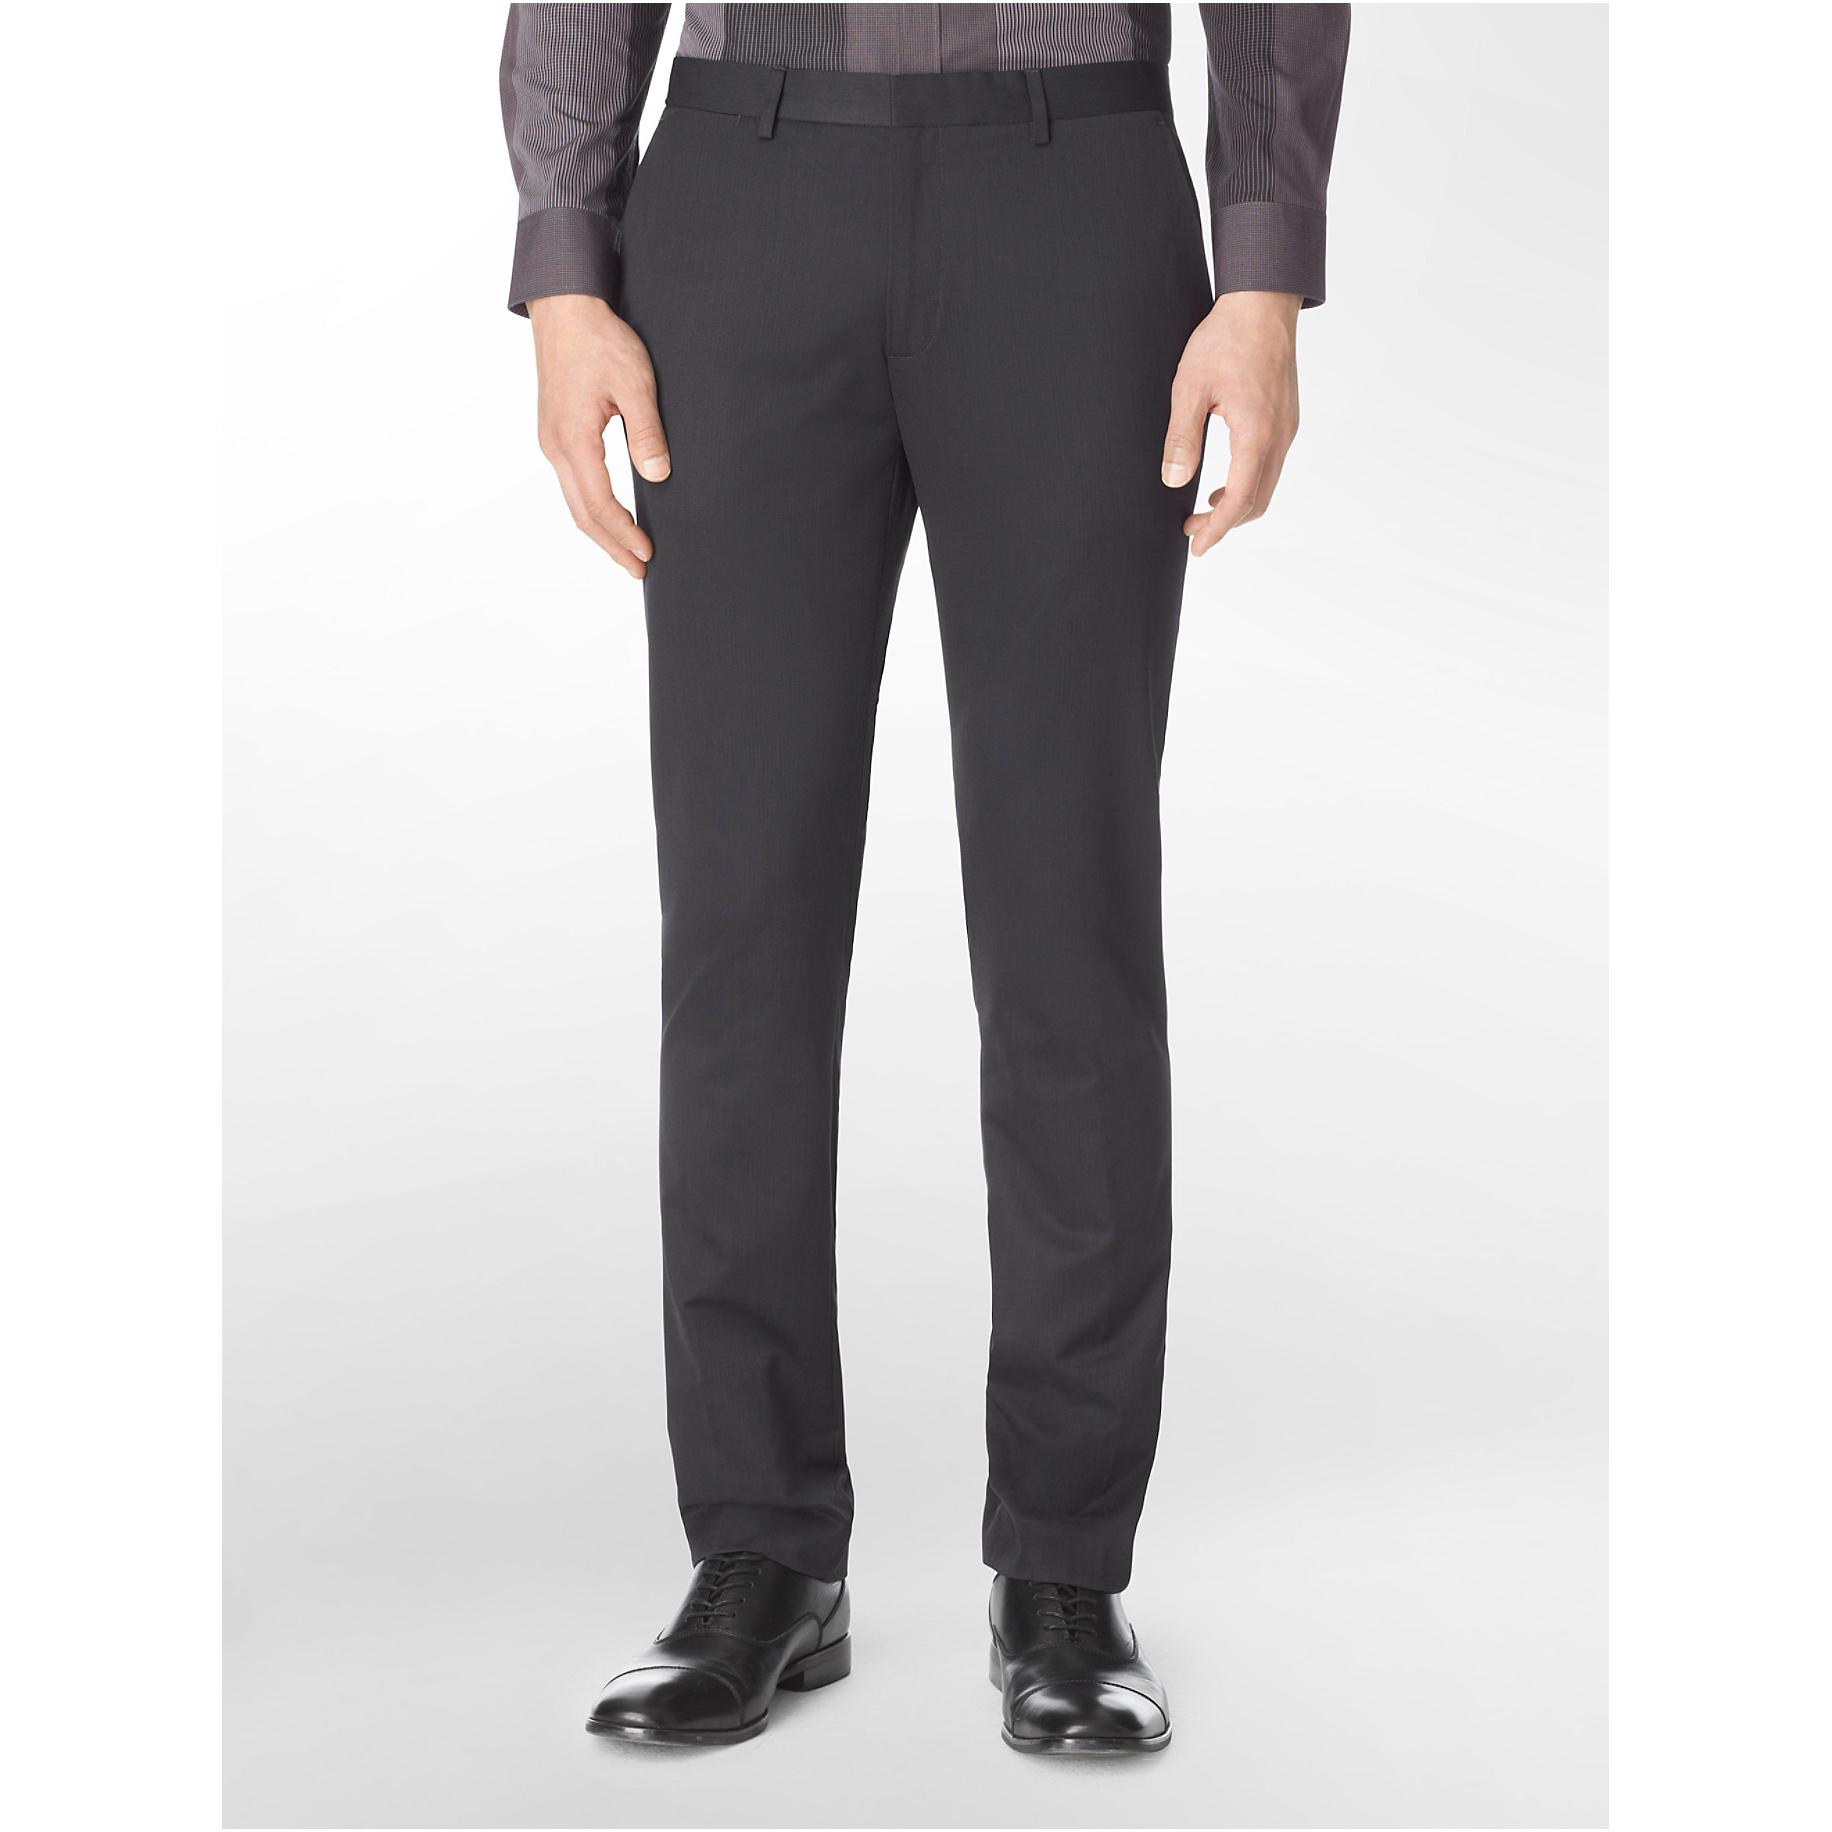 美國百分百【Calvin Klein】長褲 CK 西裝褲 直筒褲 休閒褲 上班 合身 窄版 條紋 黑色 36腰 E315